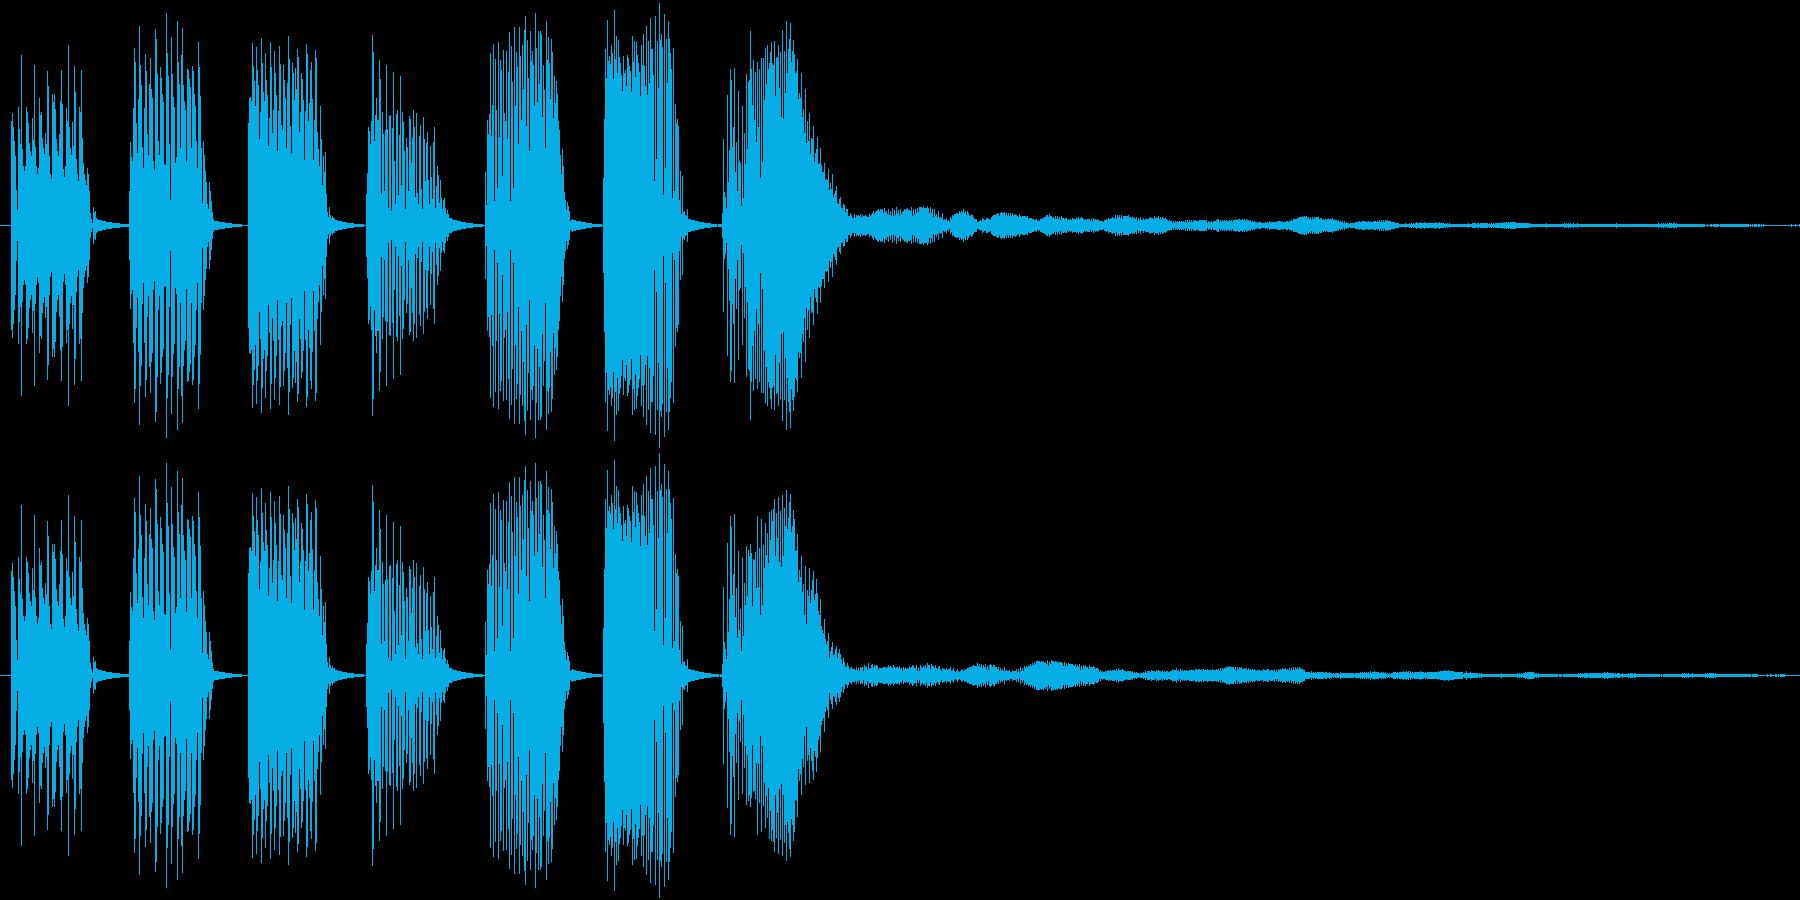 【クイズ】キレの良い出題音2(残響付)の再生済みの波形